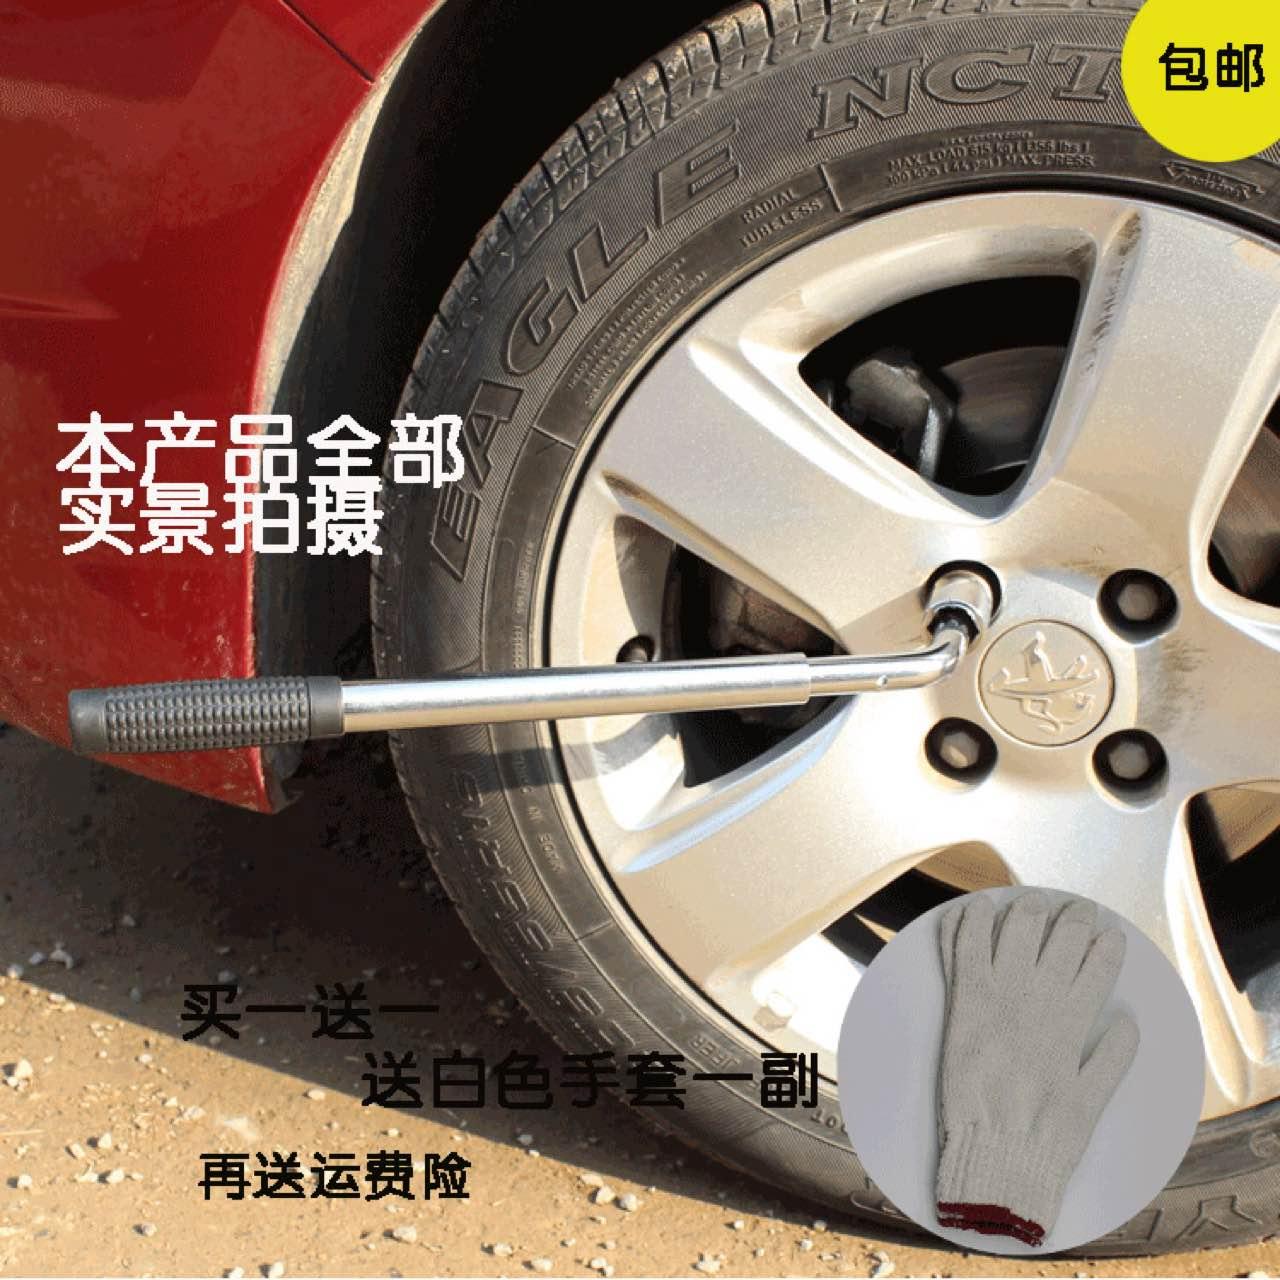 汽车轮胎扳手可伸缩省力车用套筒扳手拆卸换轮胎扳手汽车维修工具